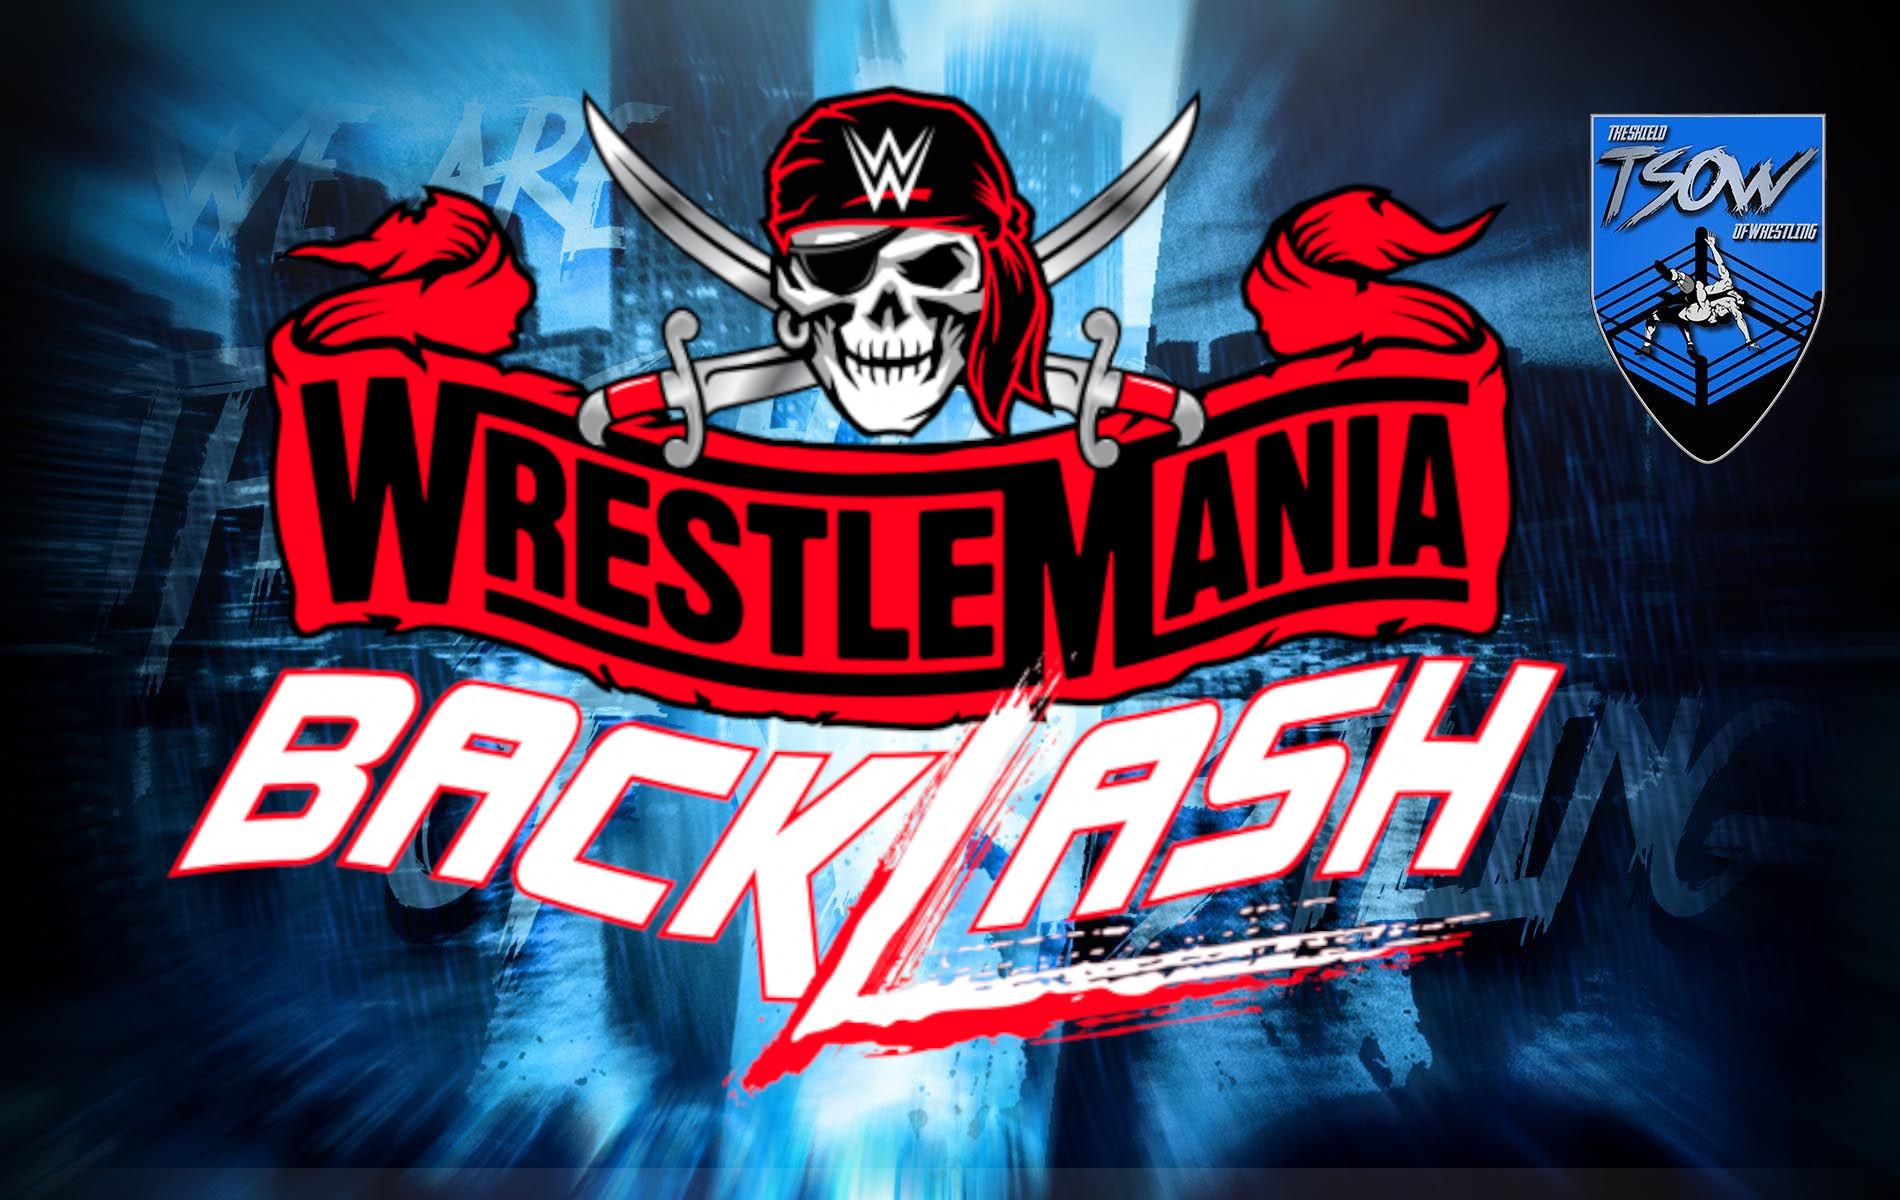 WrestleMania Backlash: aggiunto match titolato alla card